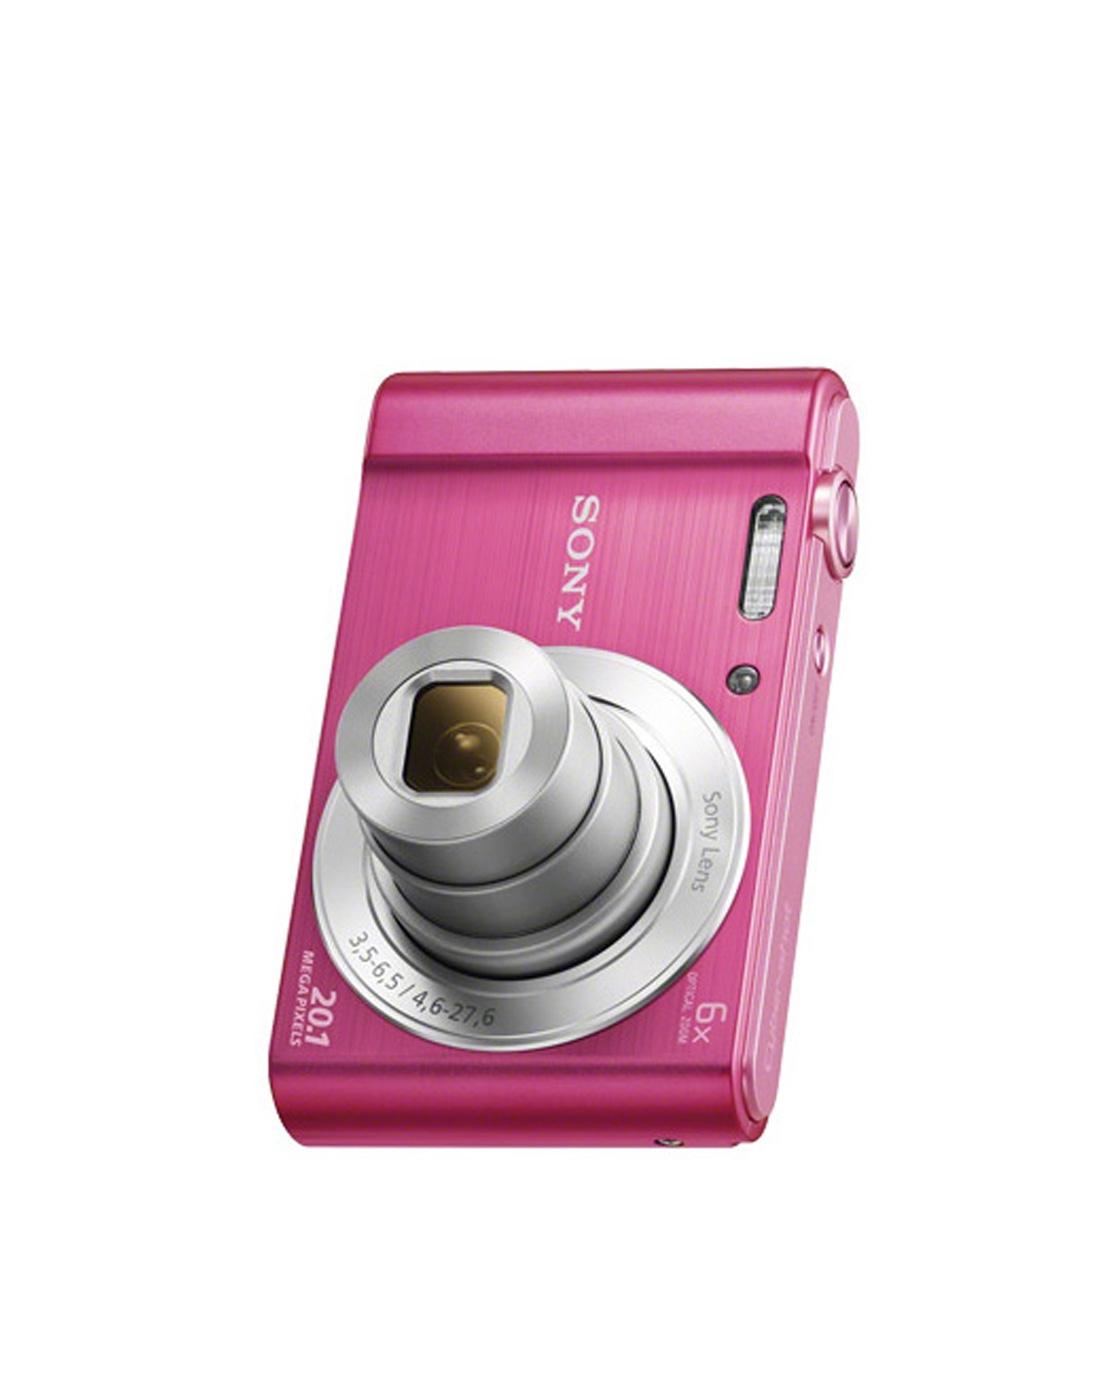 索尼w810数码相机粉色